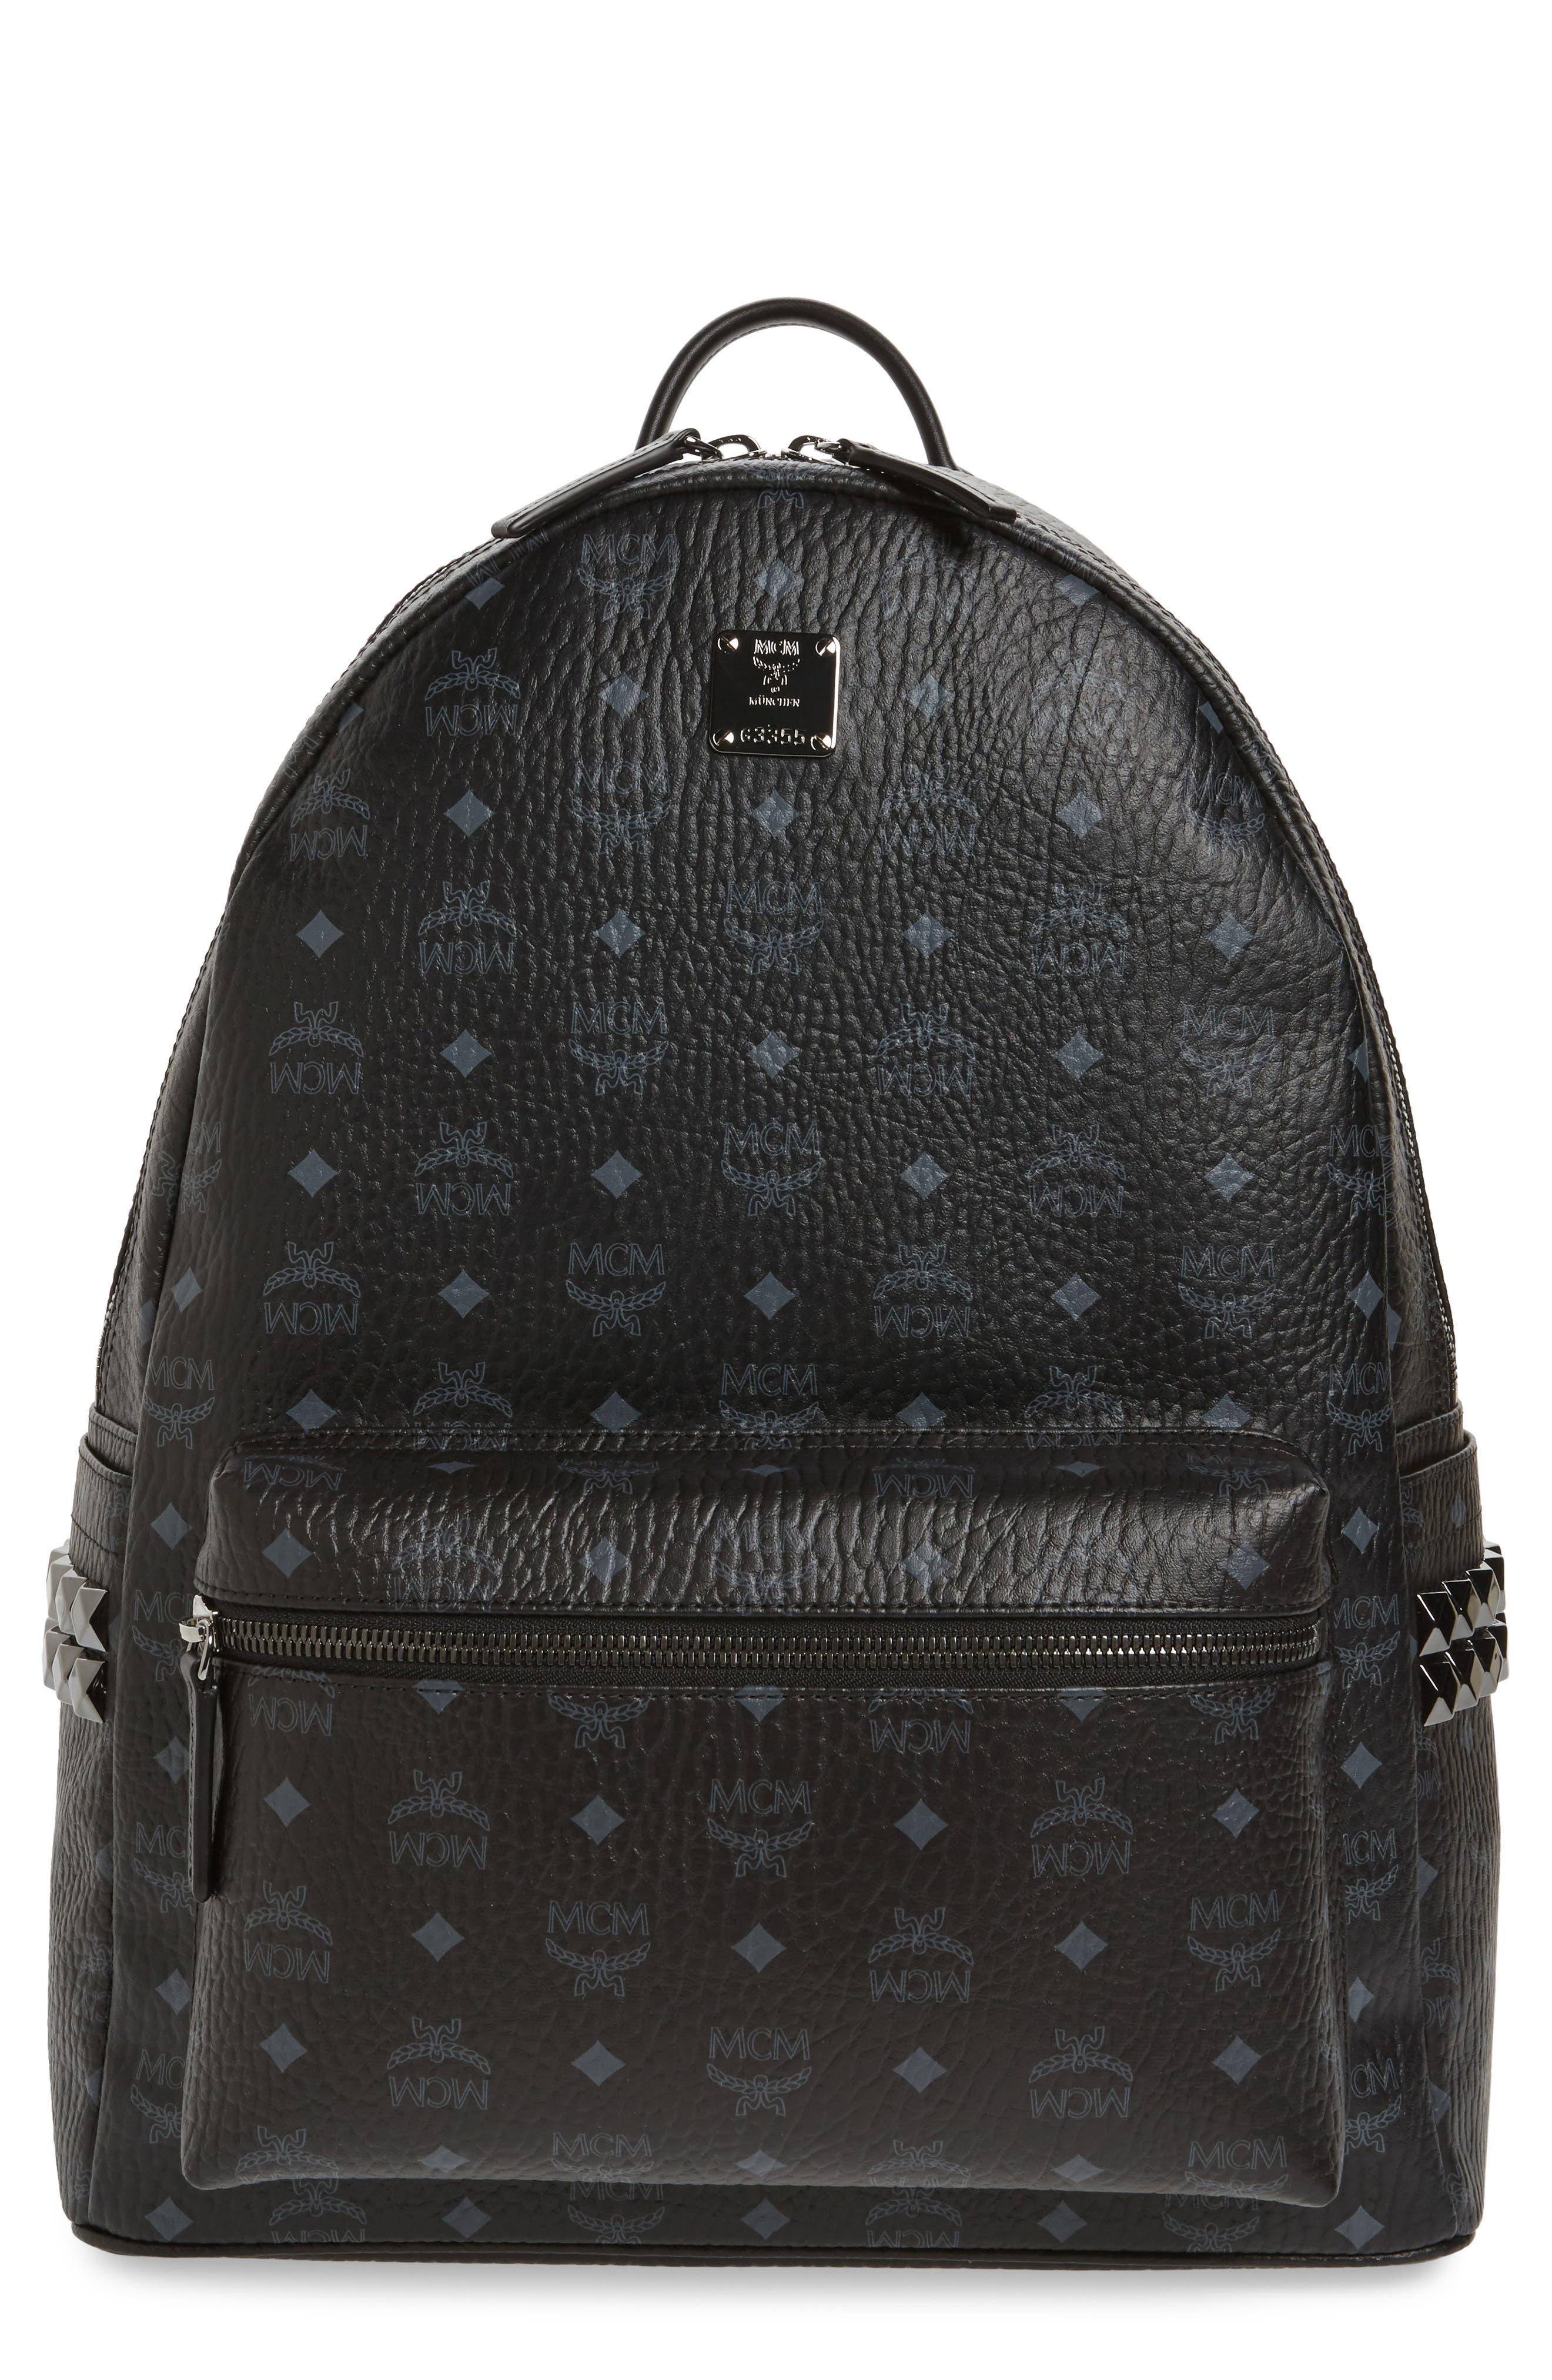 MCM Large Stark Studded Side Backpack